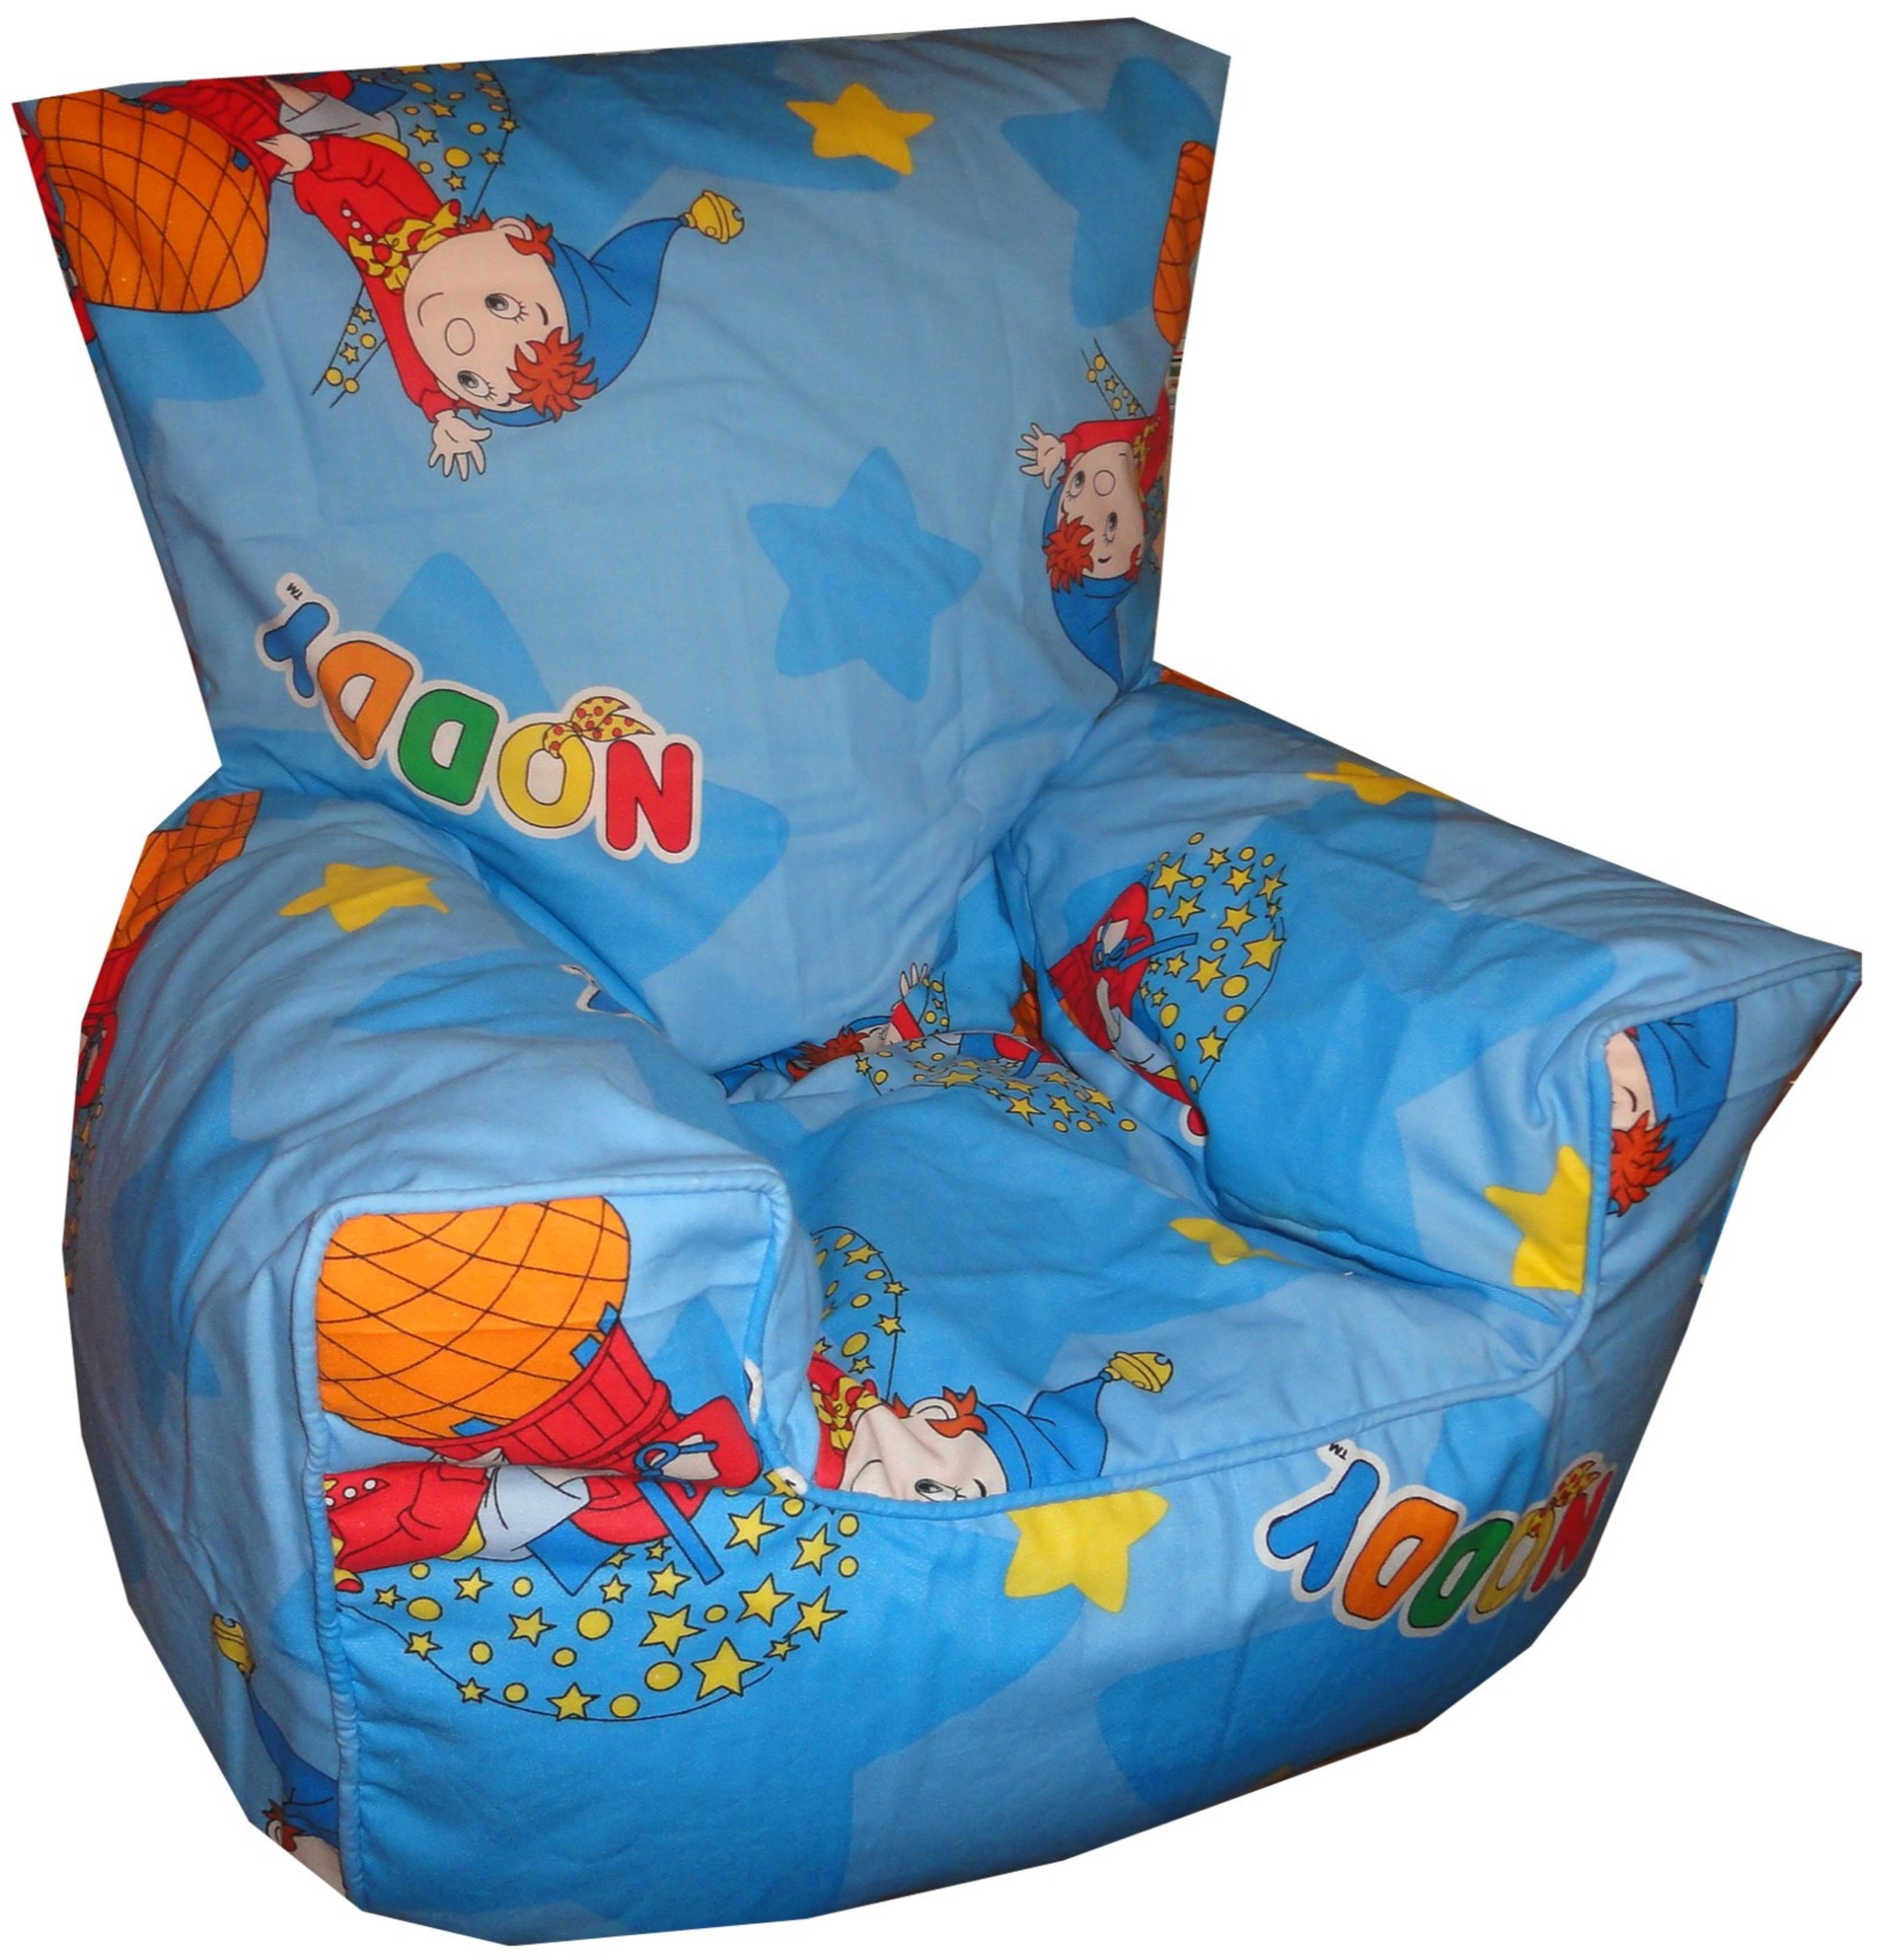 Childrens Bean Bags Bean Bag Chairs Cushions Comfy